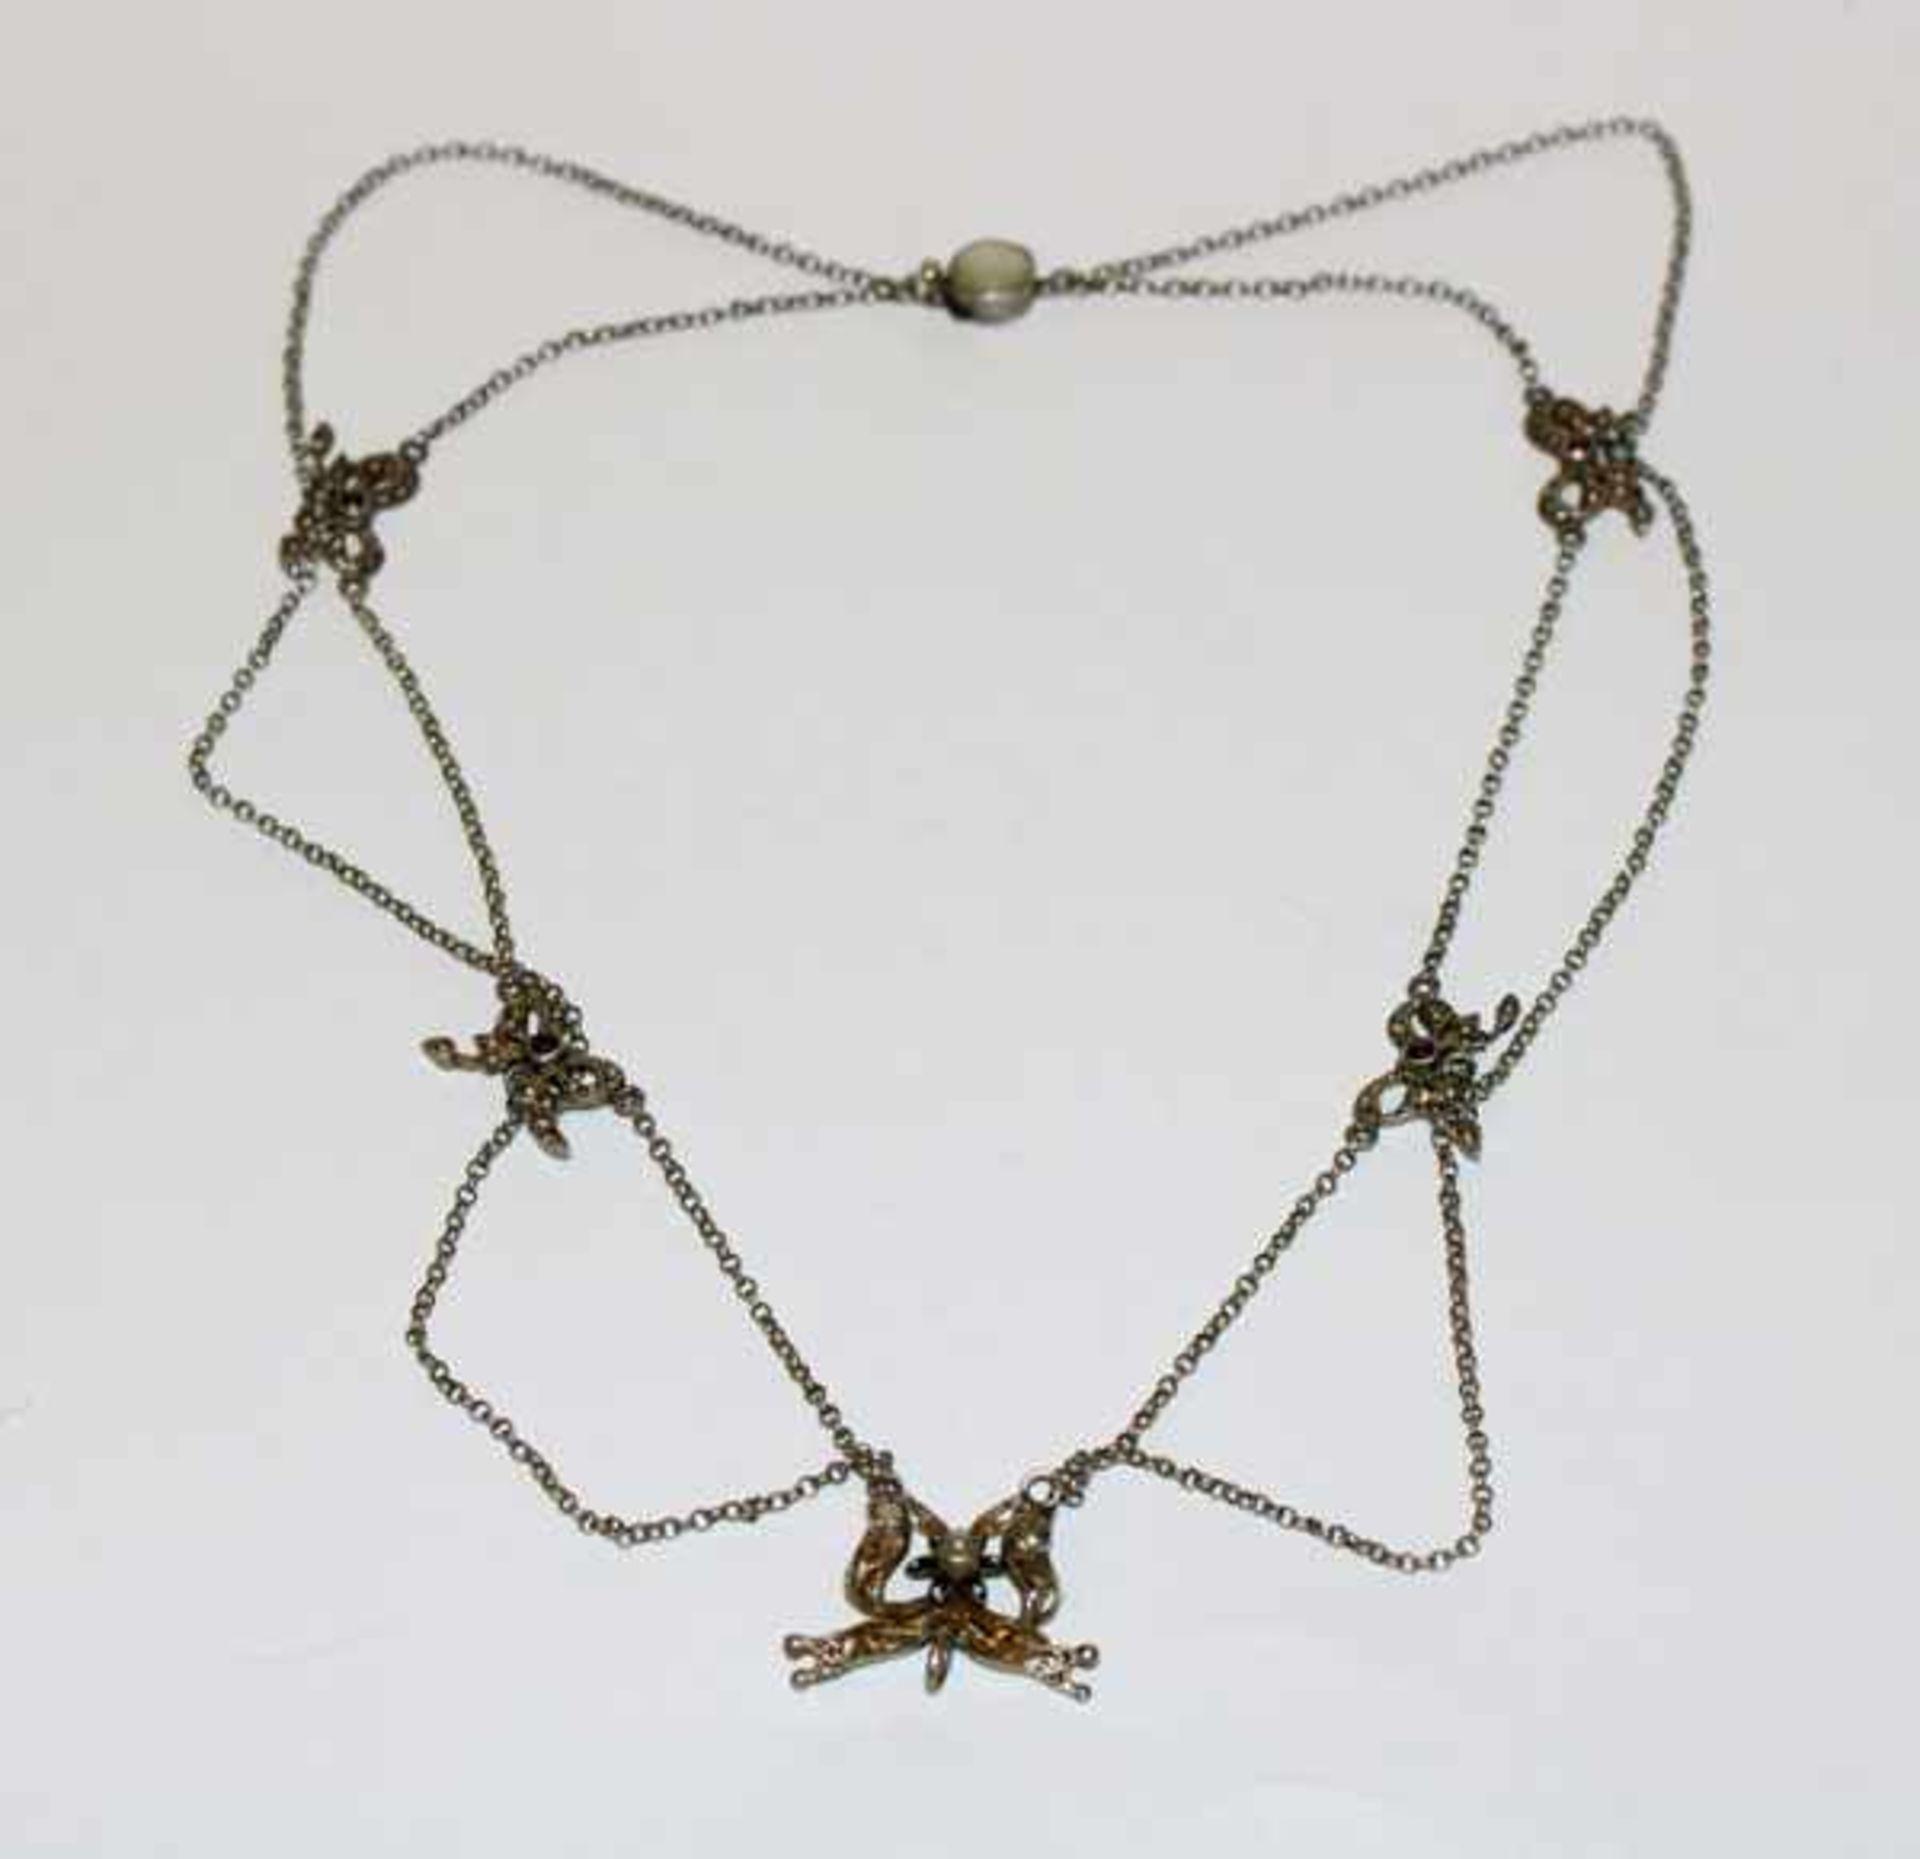 Los 38 - Silber Collierkette, 2-reihig, um 1900, schöne Handarbeit, L 42 cm